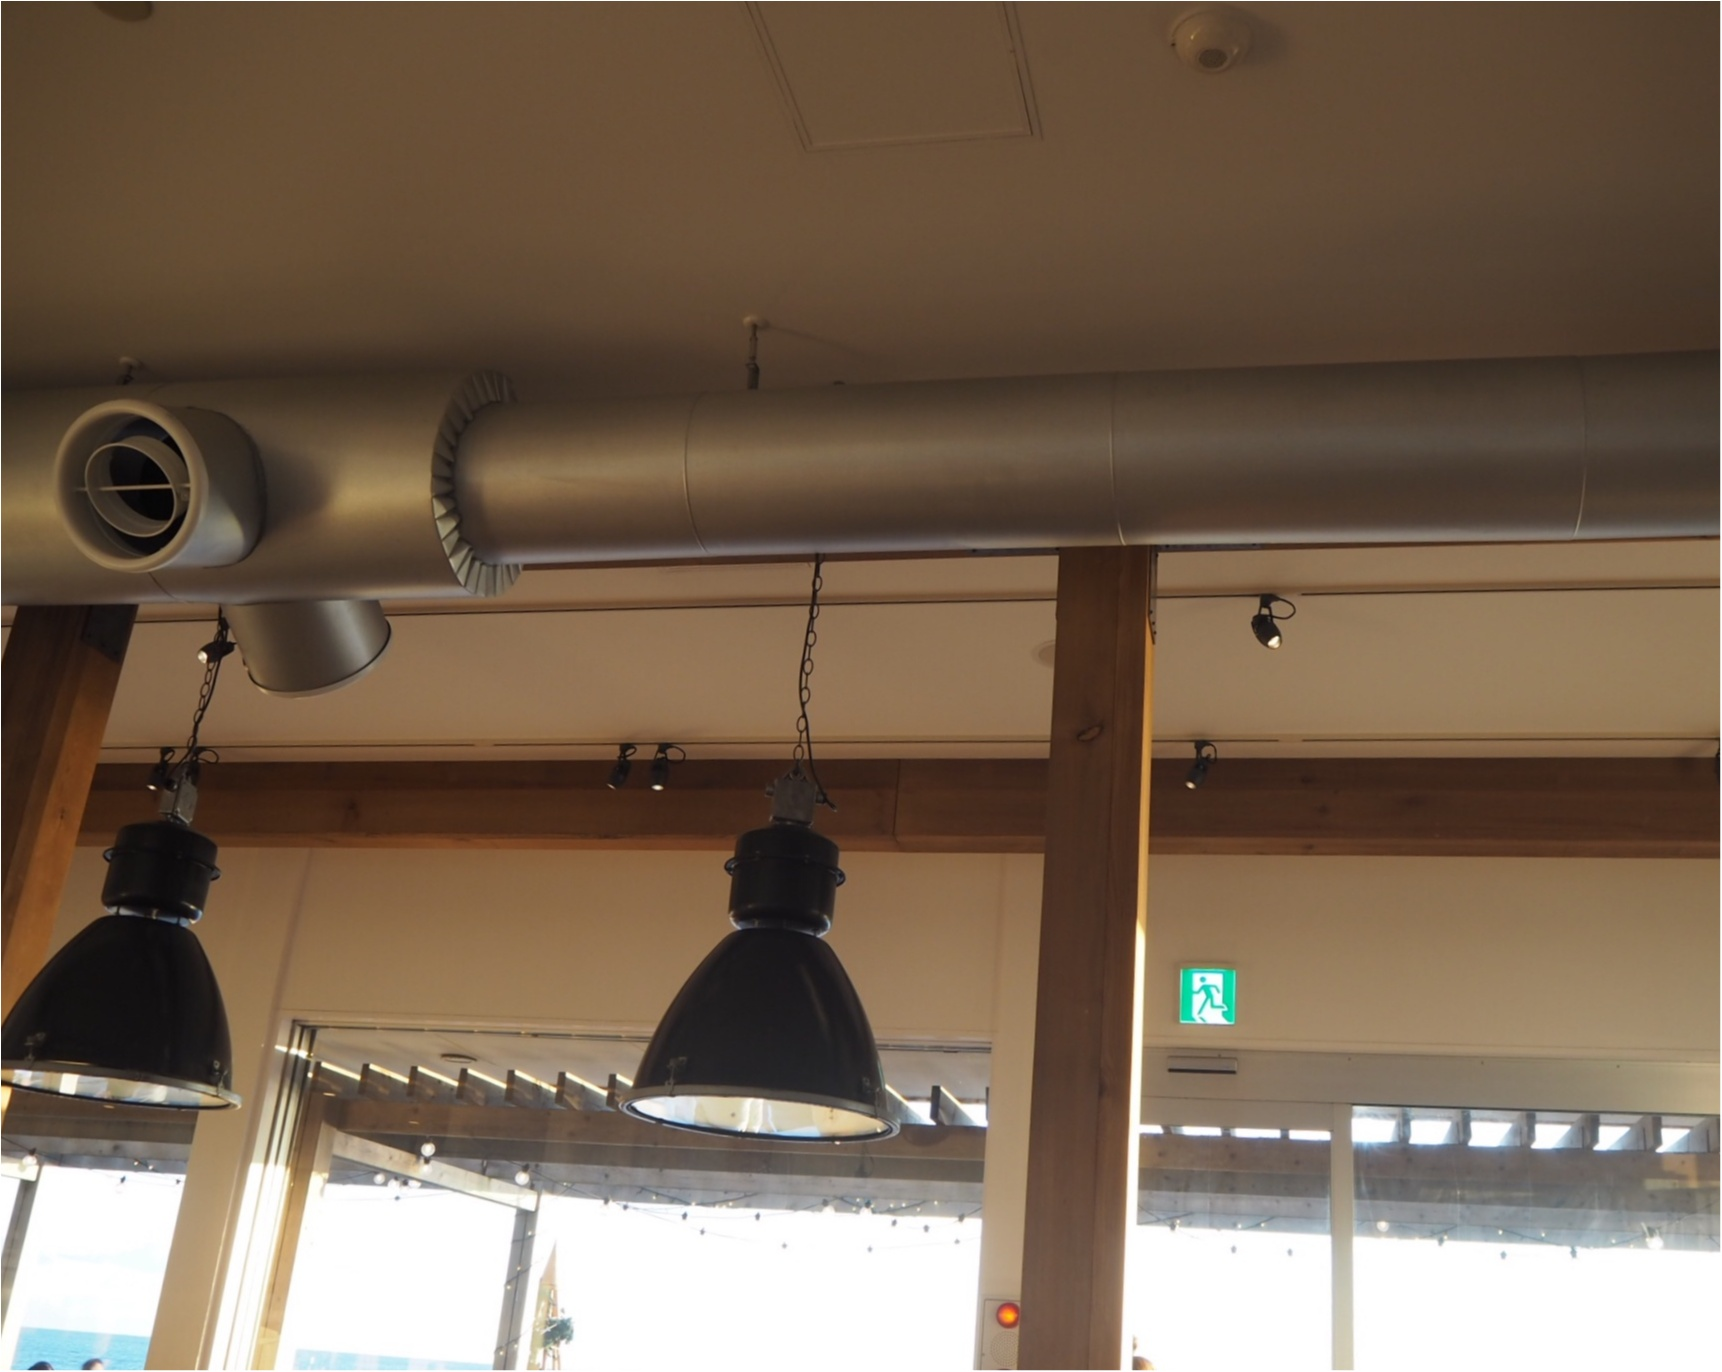 【アロハ☺︎気分はハワイ?】美味しいコーヒーと目の前に広がる七里ガ浜の海!贅沢な時間をぜひココで...❤︎_2_2